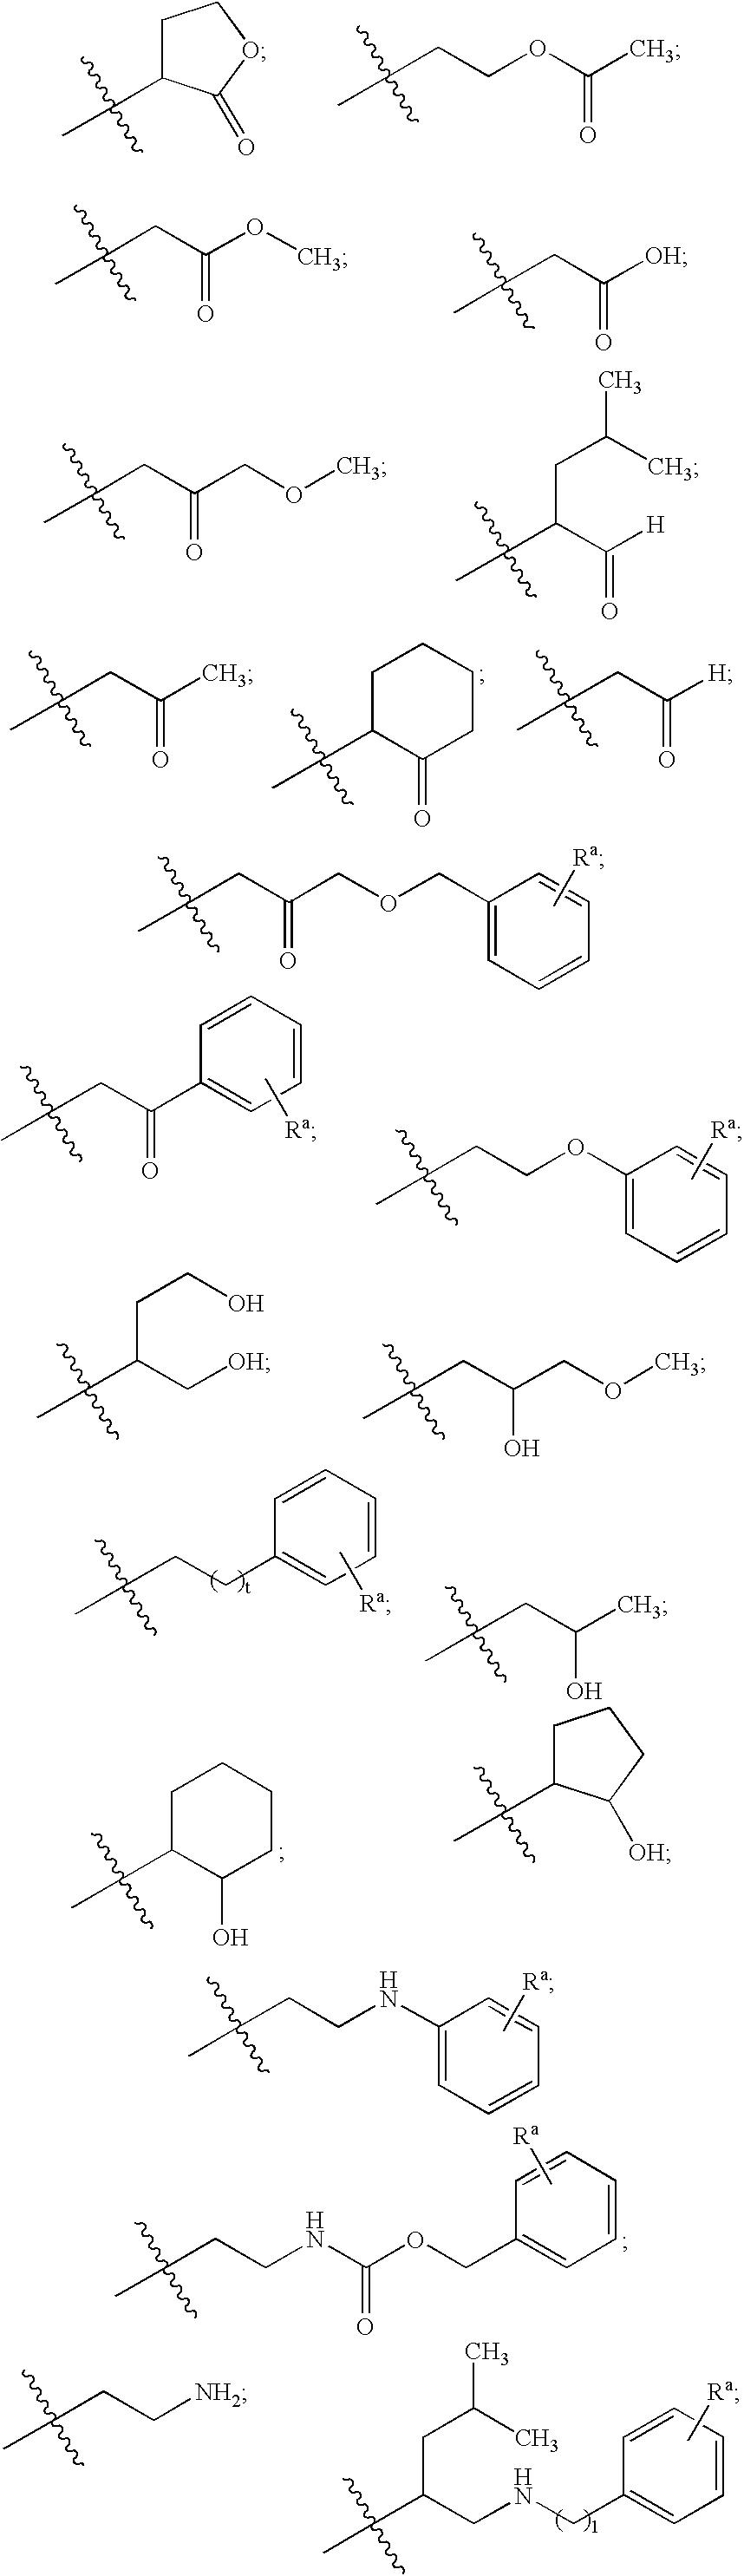 Figure US20070032484A1-20070208-C00007